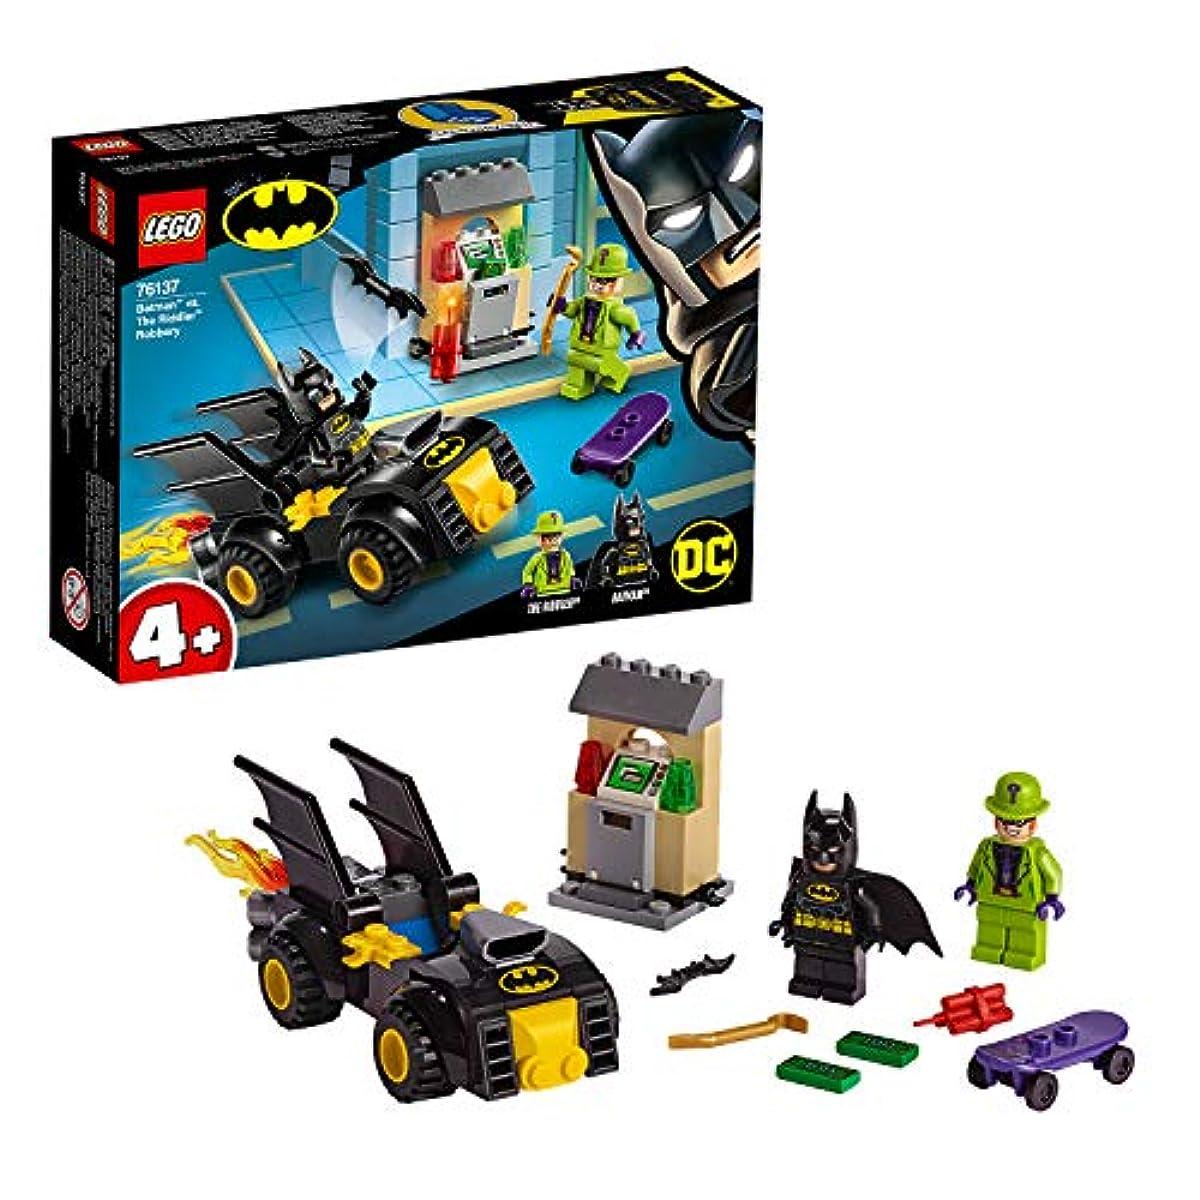 [해외] 레고(LEGO) 슈퍼히어로즈 배트맨(TM) VS.리들러(TM) 의 강도 76137 블럭 장난감 사내 아이